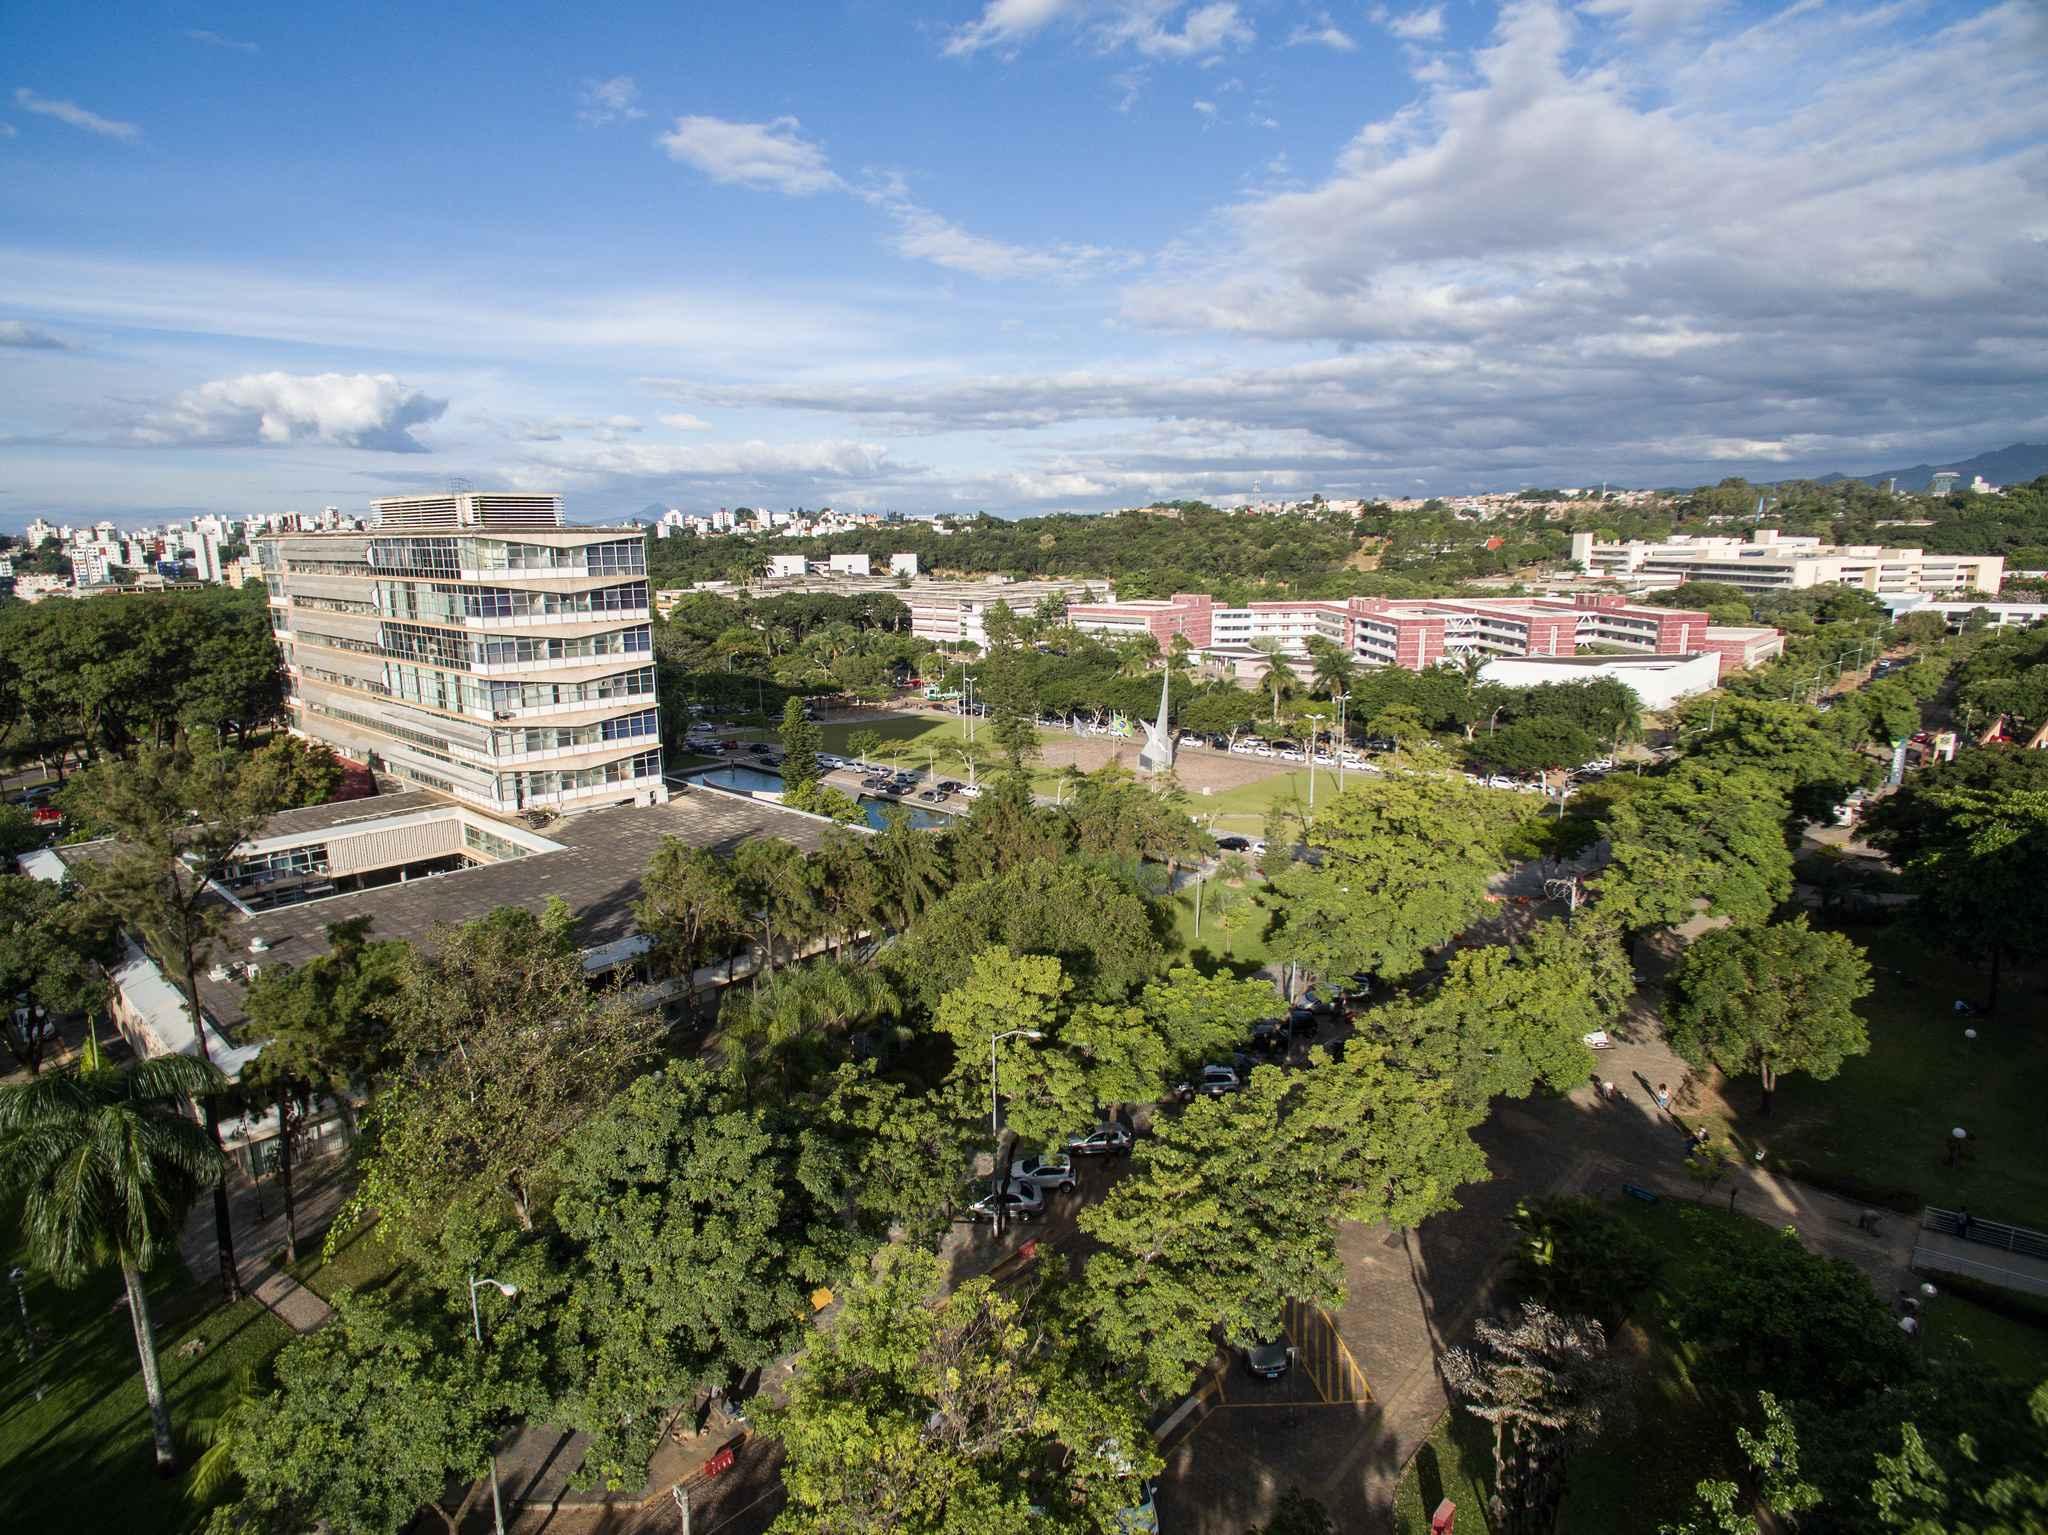 Vista aérea do campus Pampulha: atividades acadêmicas serão retomadas na segunda-feira, dia 4 de junho